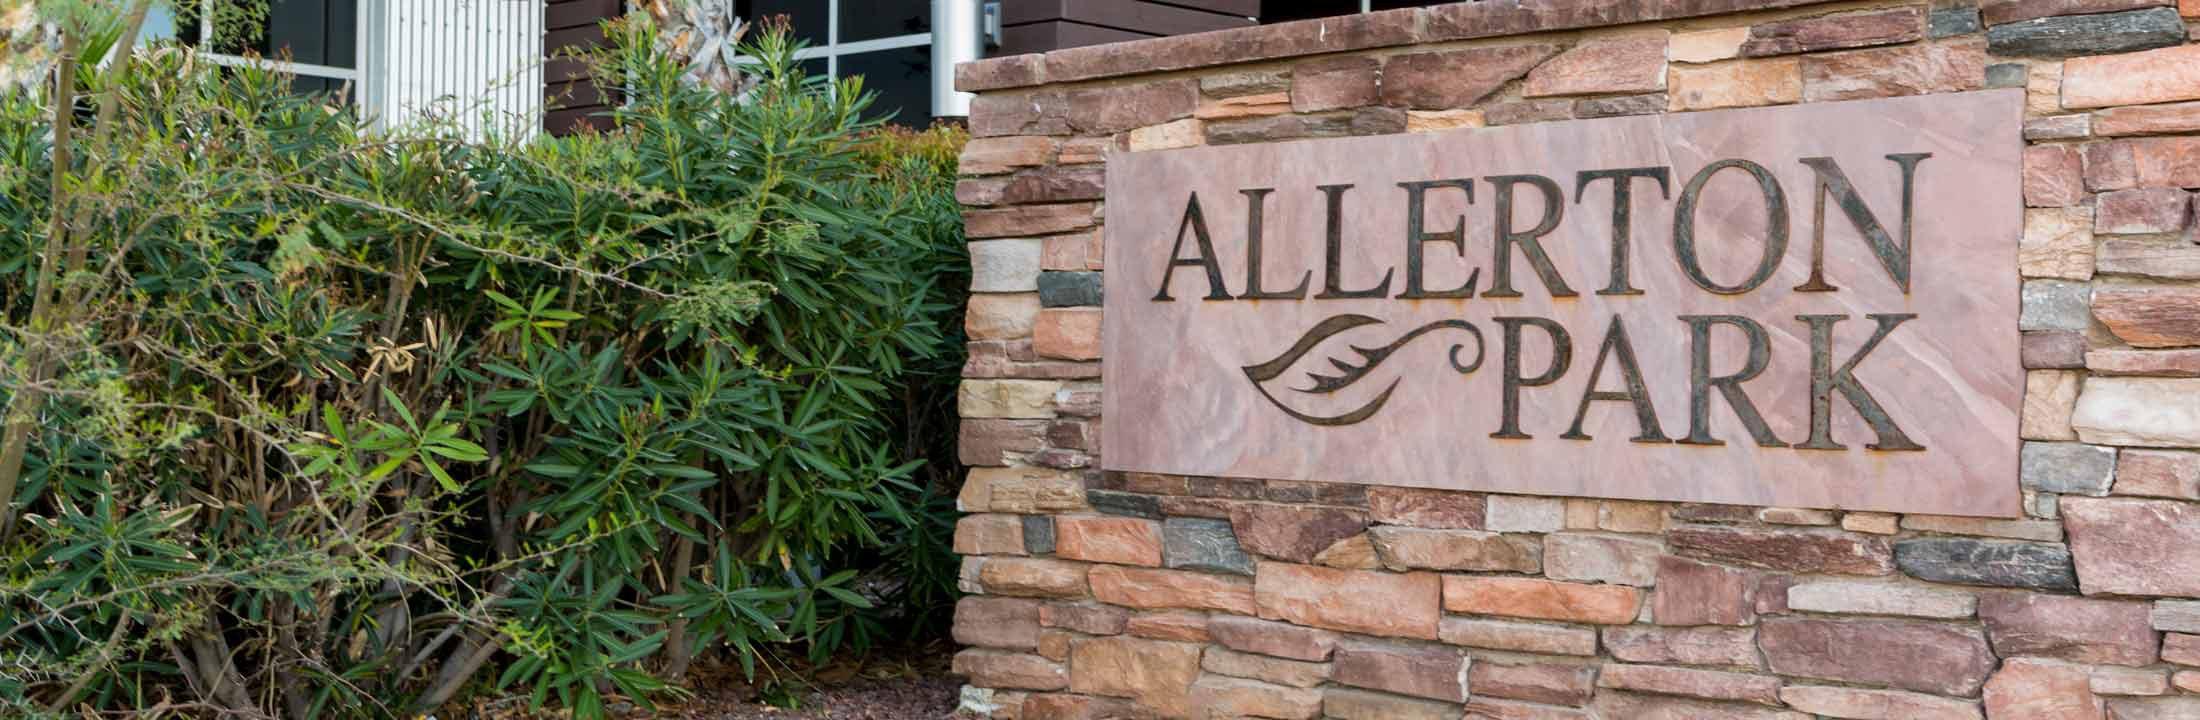 Allerton-Park-homes-for-sale-Las-Vegas